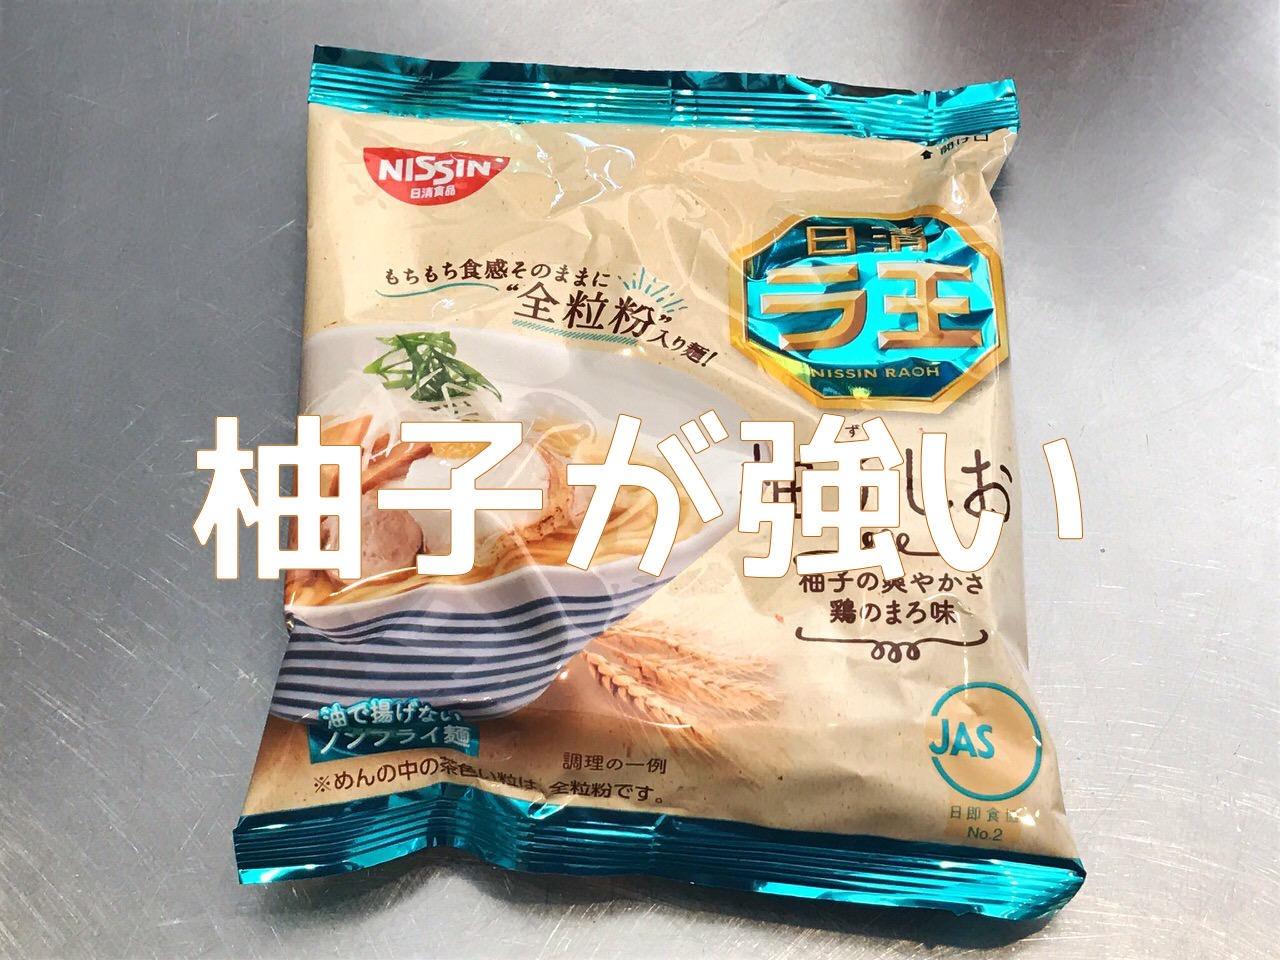 「日清ラ王 柚子しお」柚子感たっぷりスープに全粒粉の麺が美味すぎる袋麺